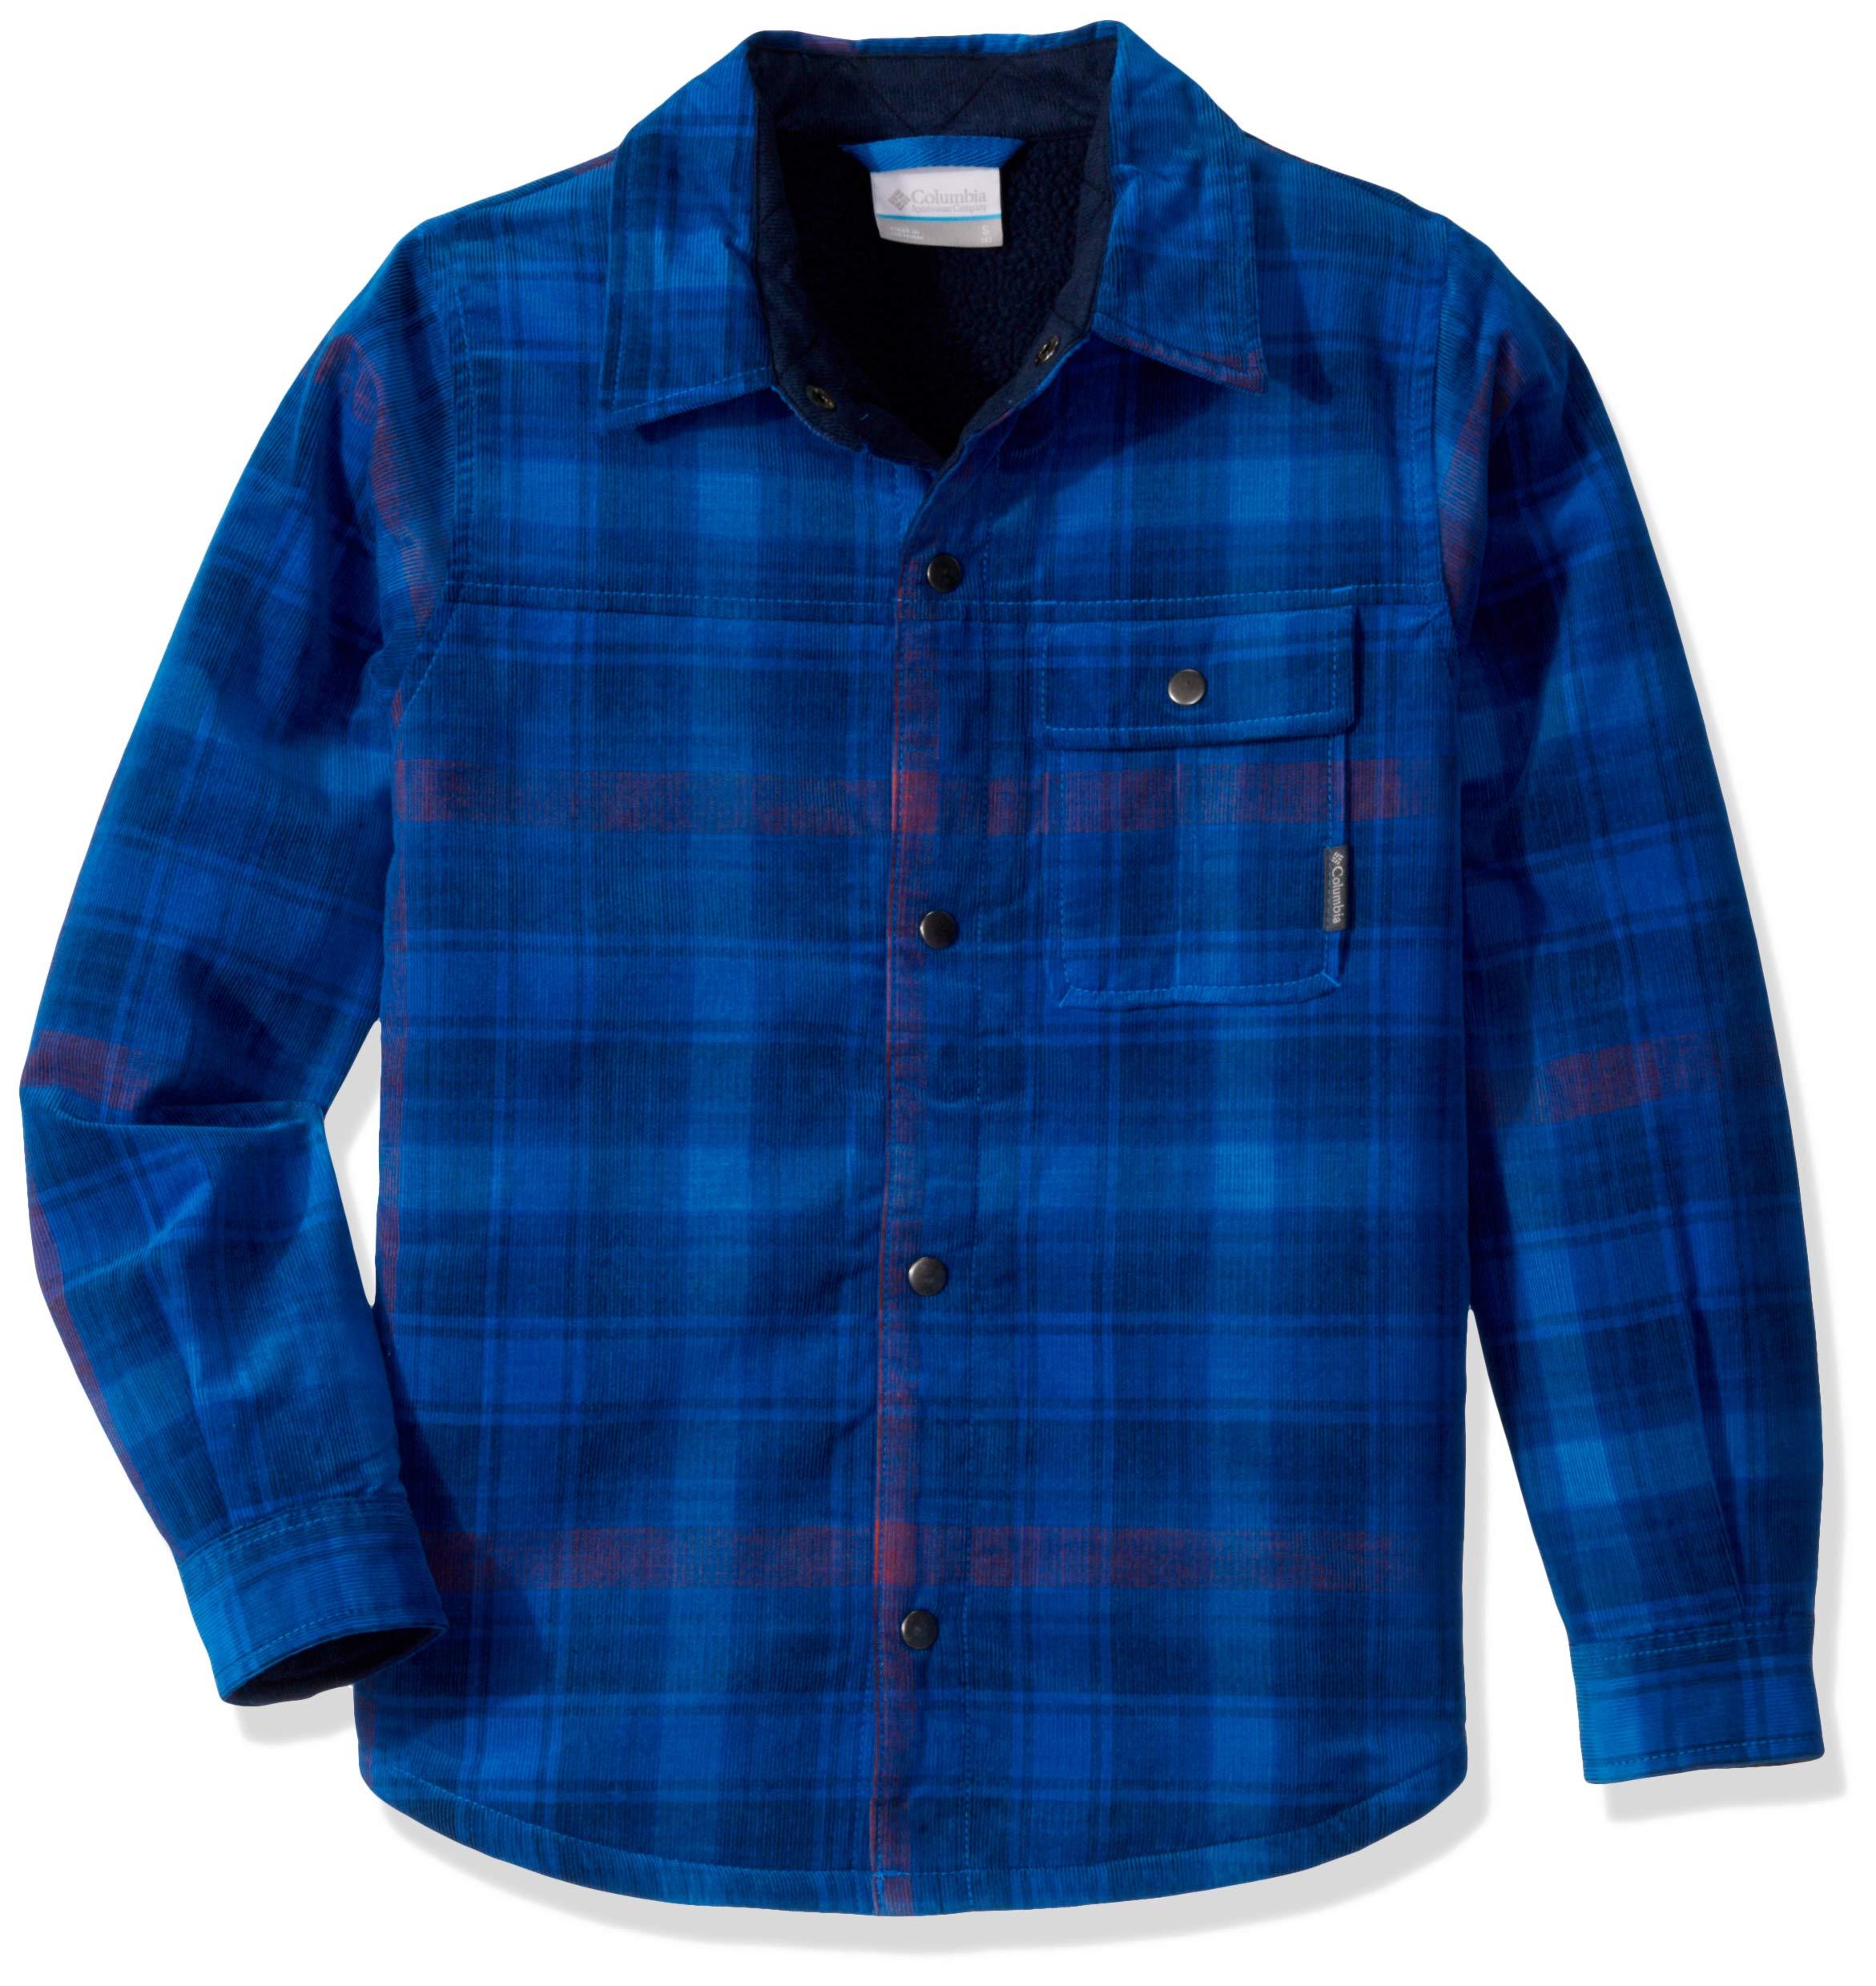 Columbia Boys' Big WindwardShirt Jacket, Super Blue Plaid, X-Large by Columbia